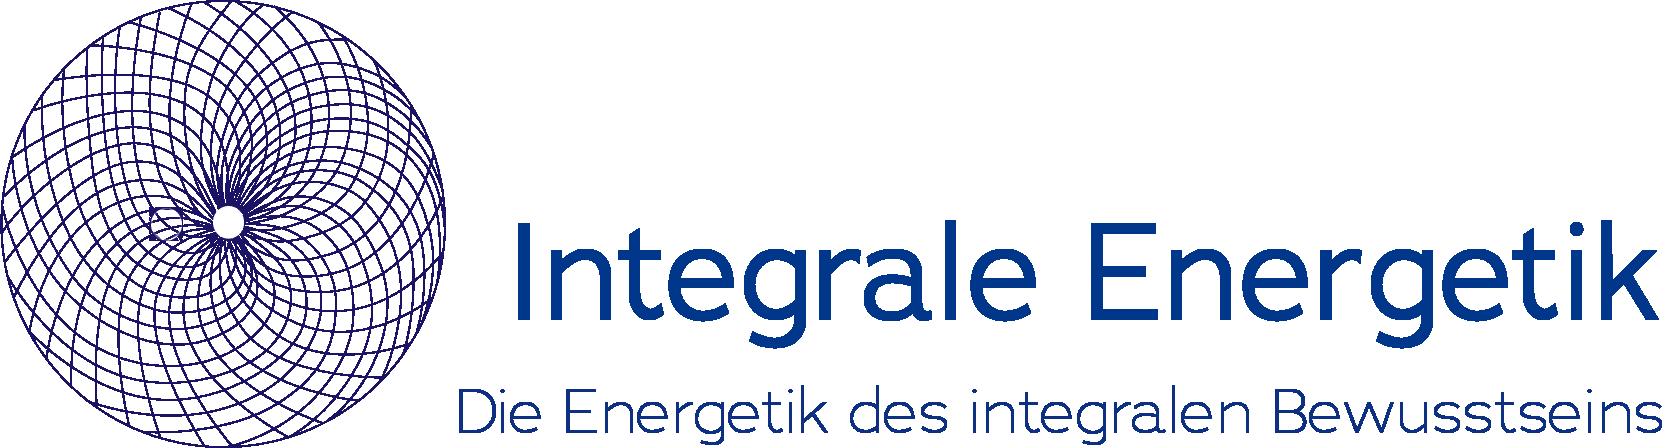 Integrale-Energetik